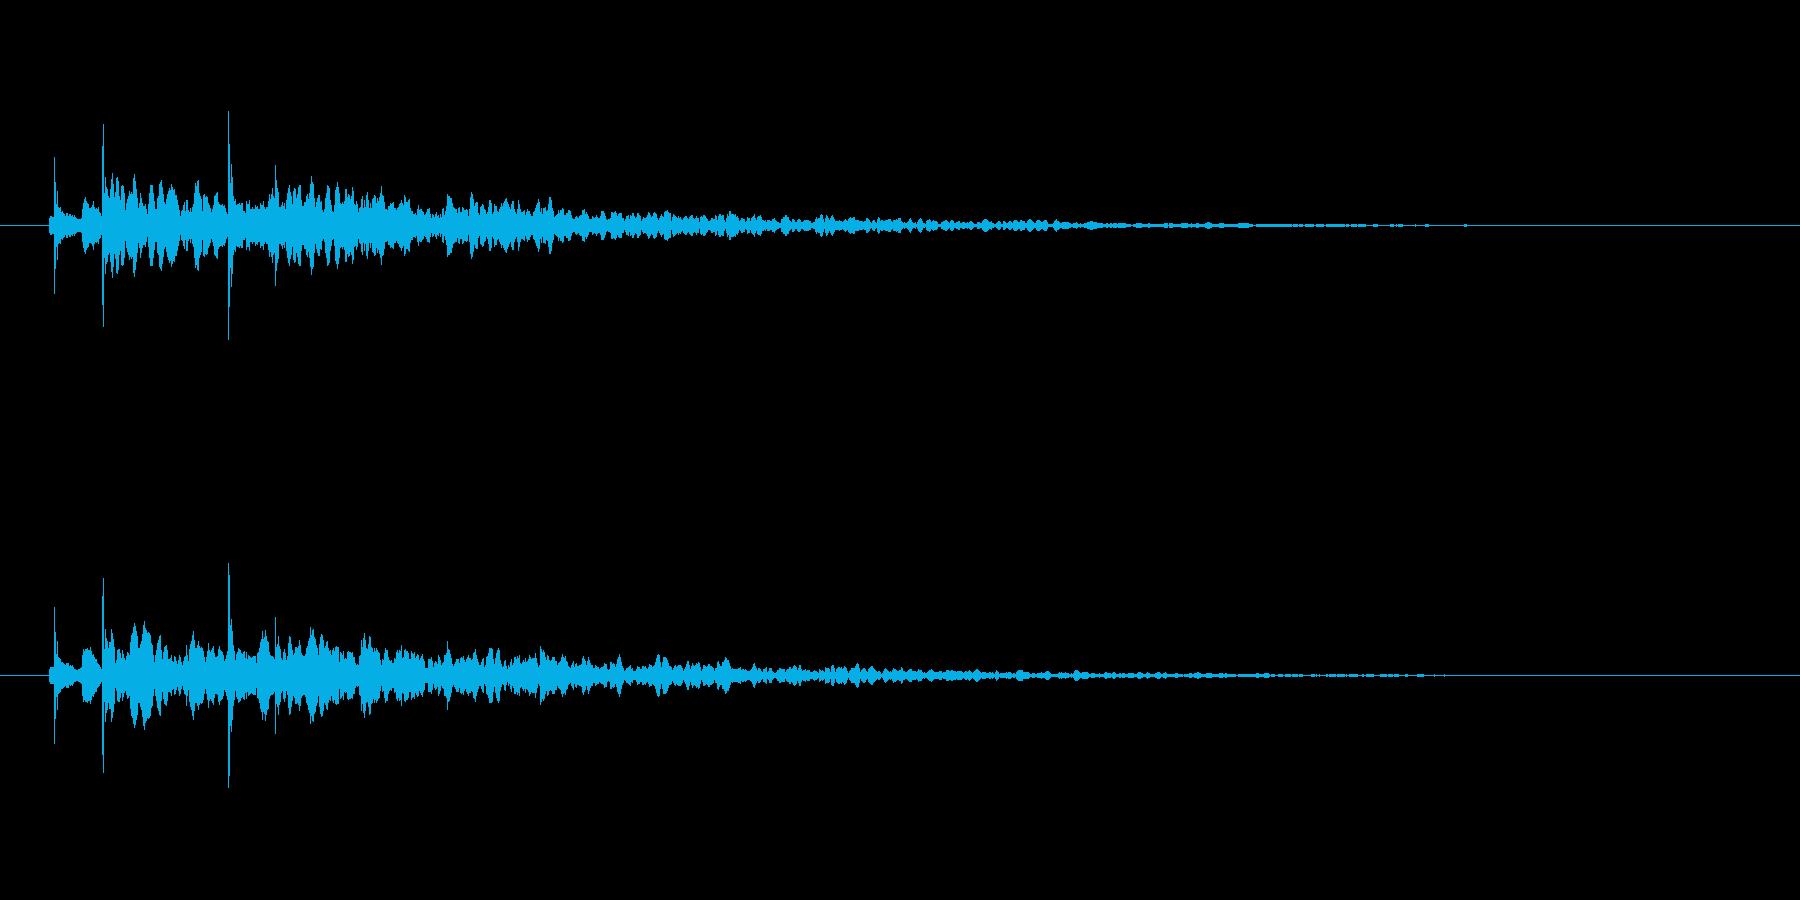 【アクセント37-2】の再生済みの波形